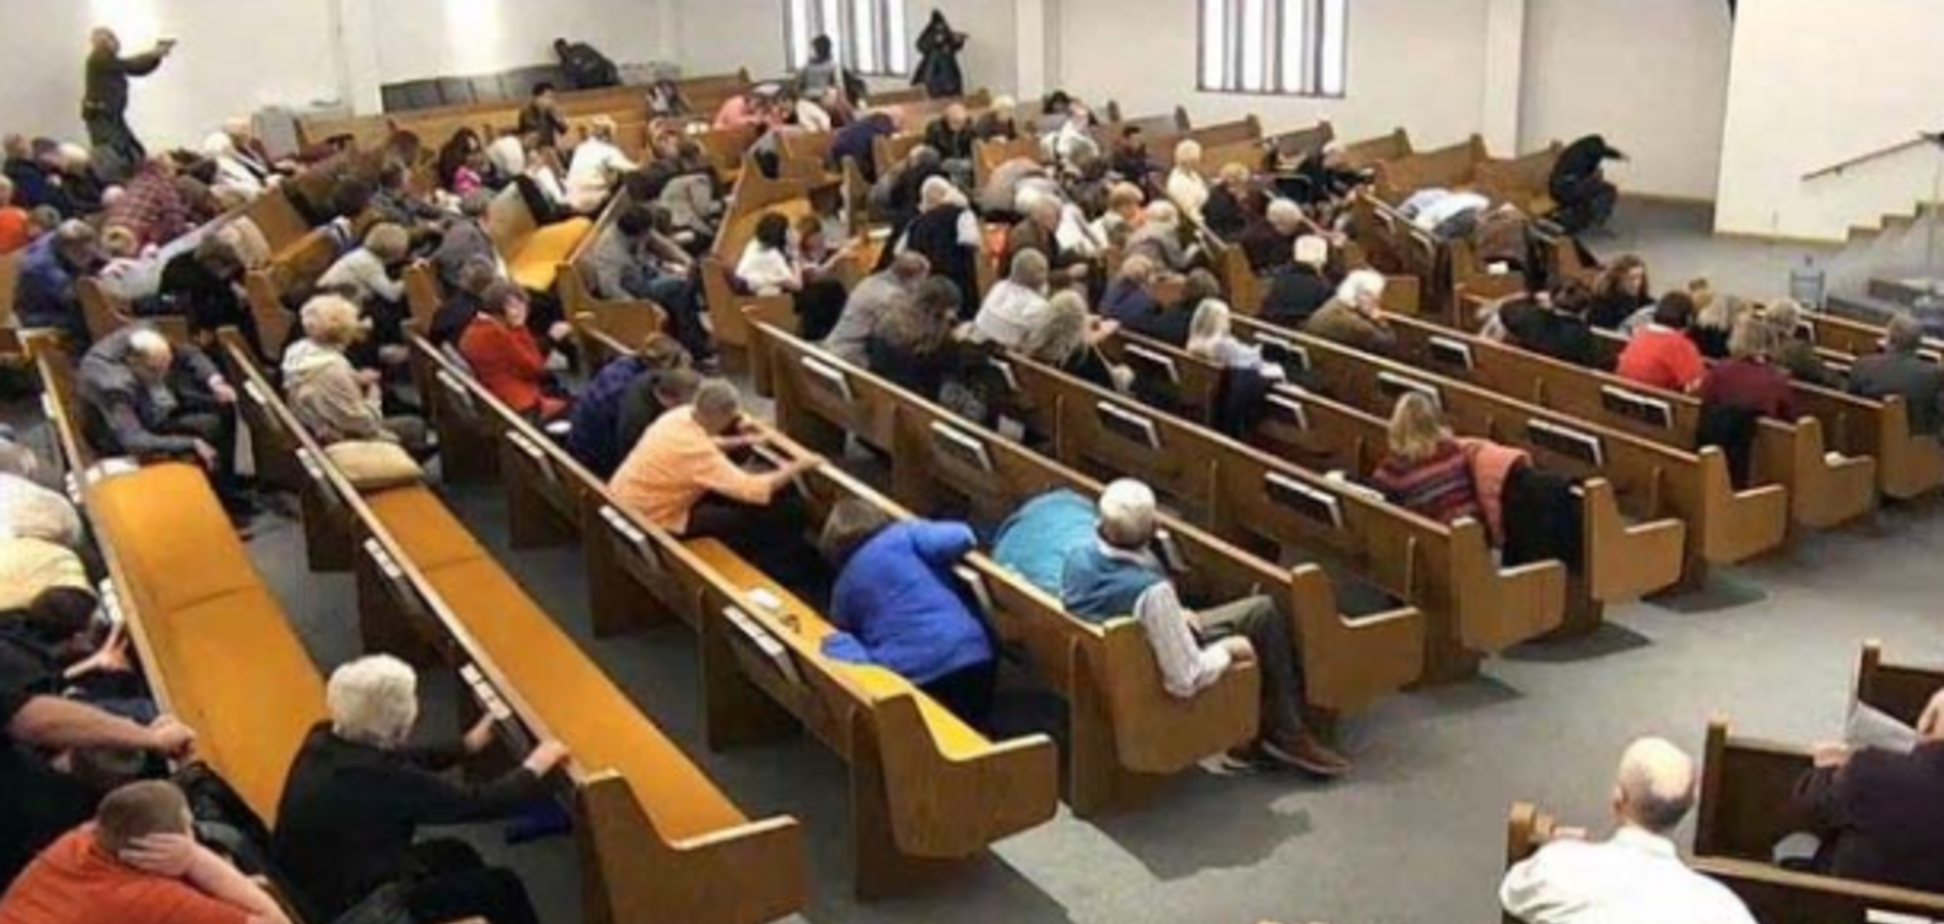 У США влаштували криваву стрілянину в церкві